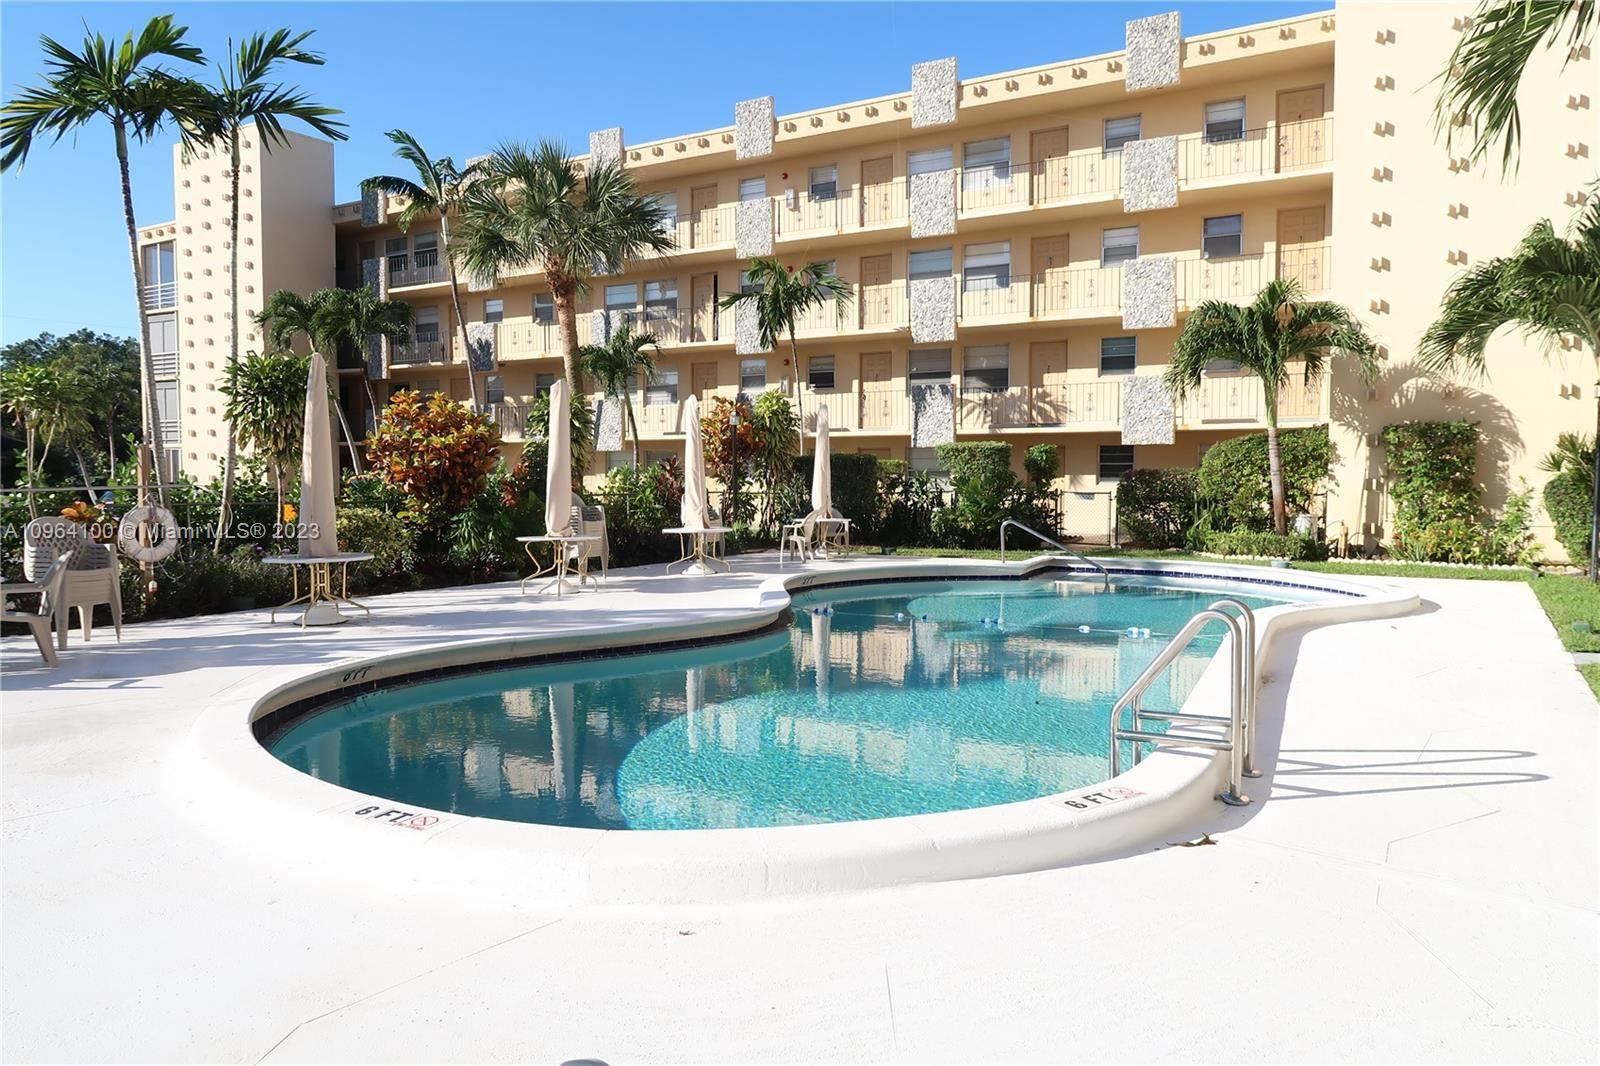 2145 Pierce St #308, Hollywood, FL 33020 - #: A10964100